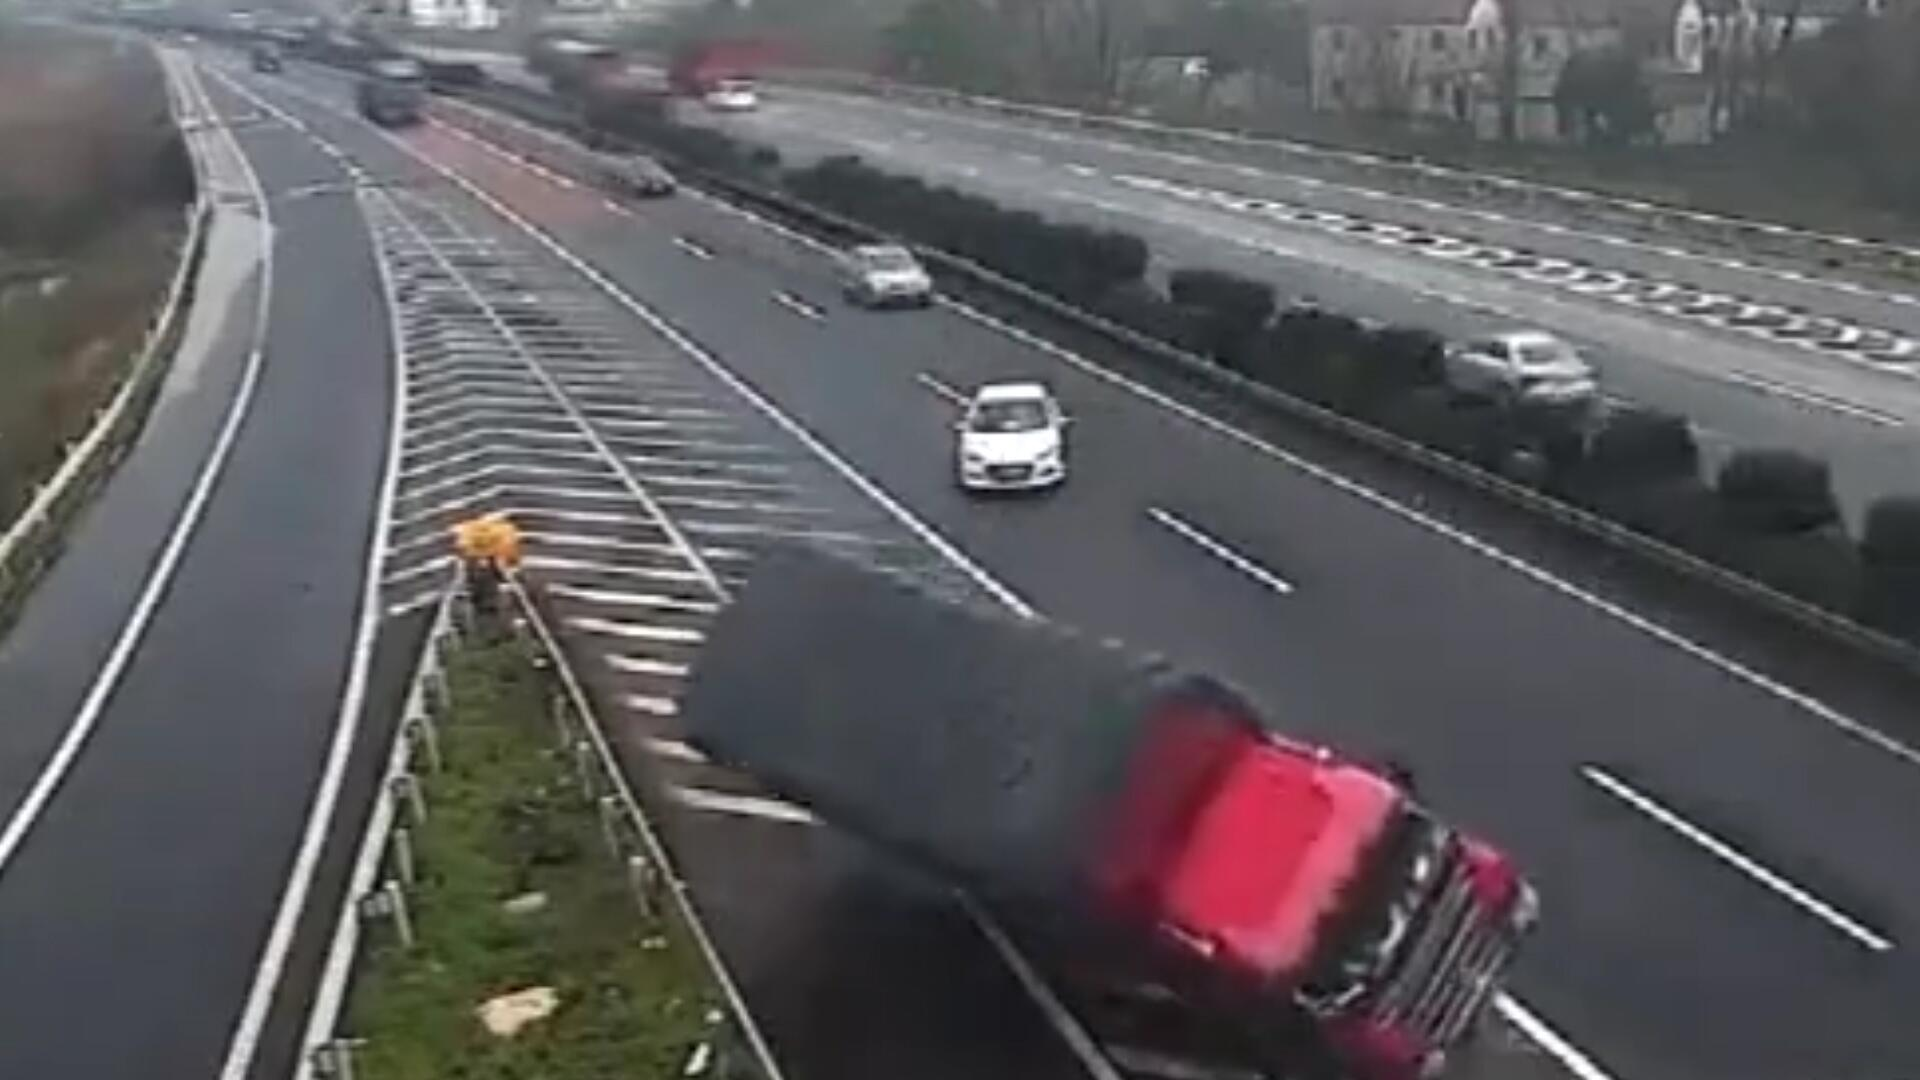 Bild zu Ausfahrt verpasst: Autofahrer wendet auf Autobahn